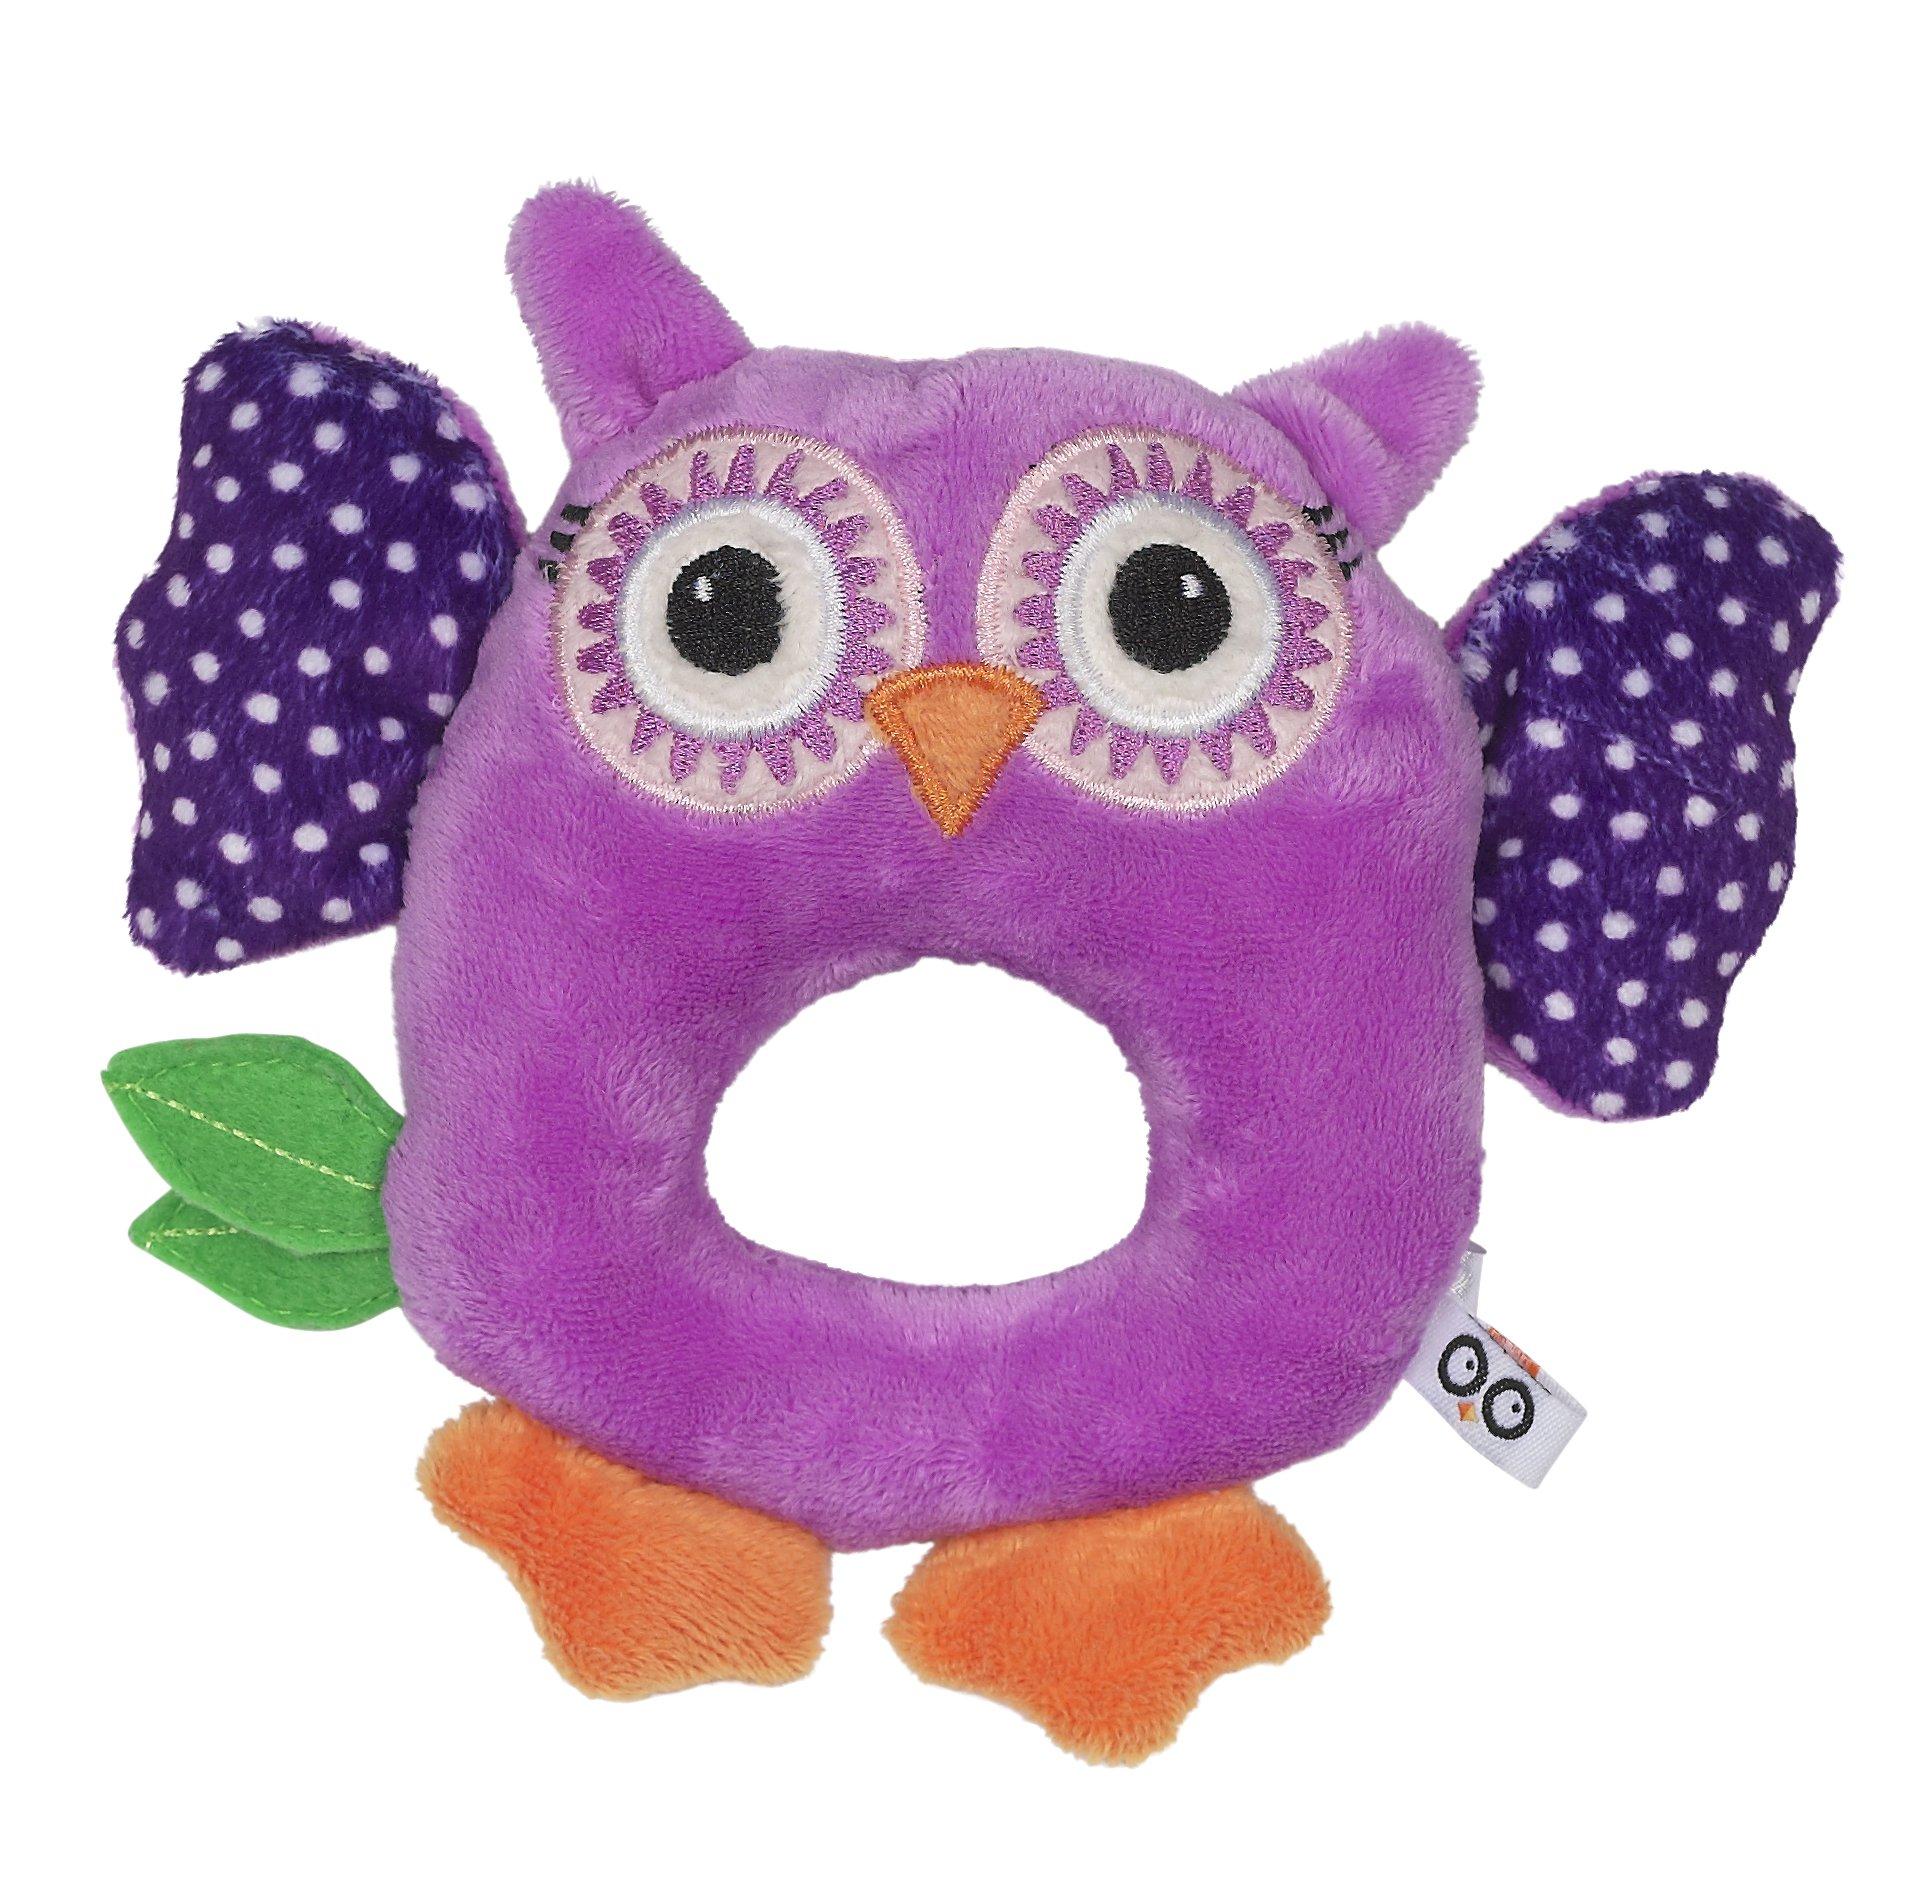 Baby Buddy Rattle - Owl/Purple